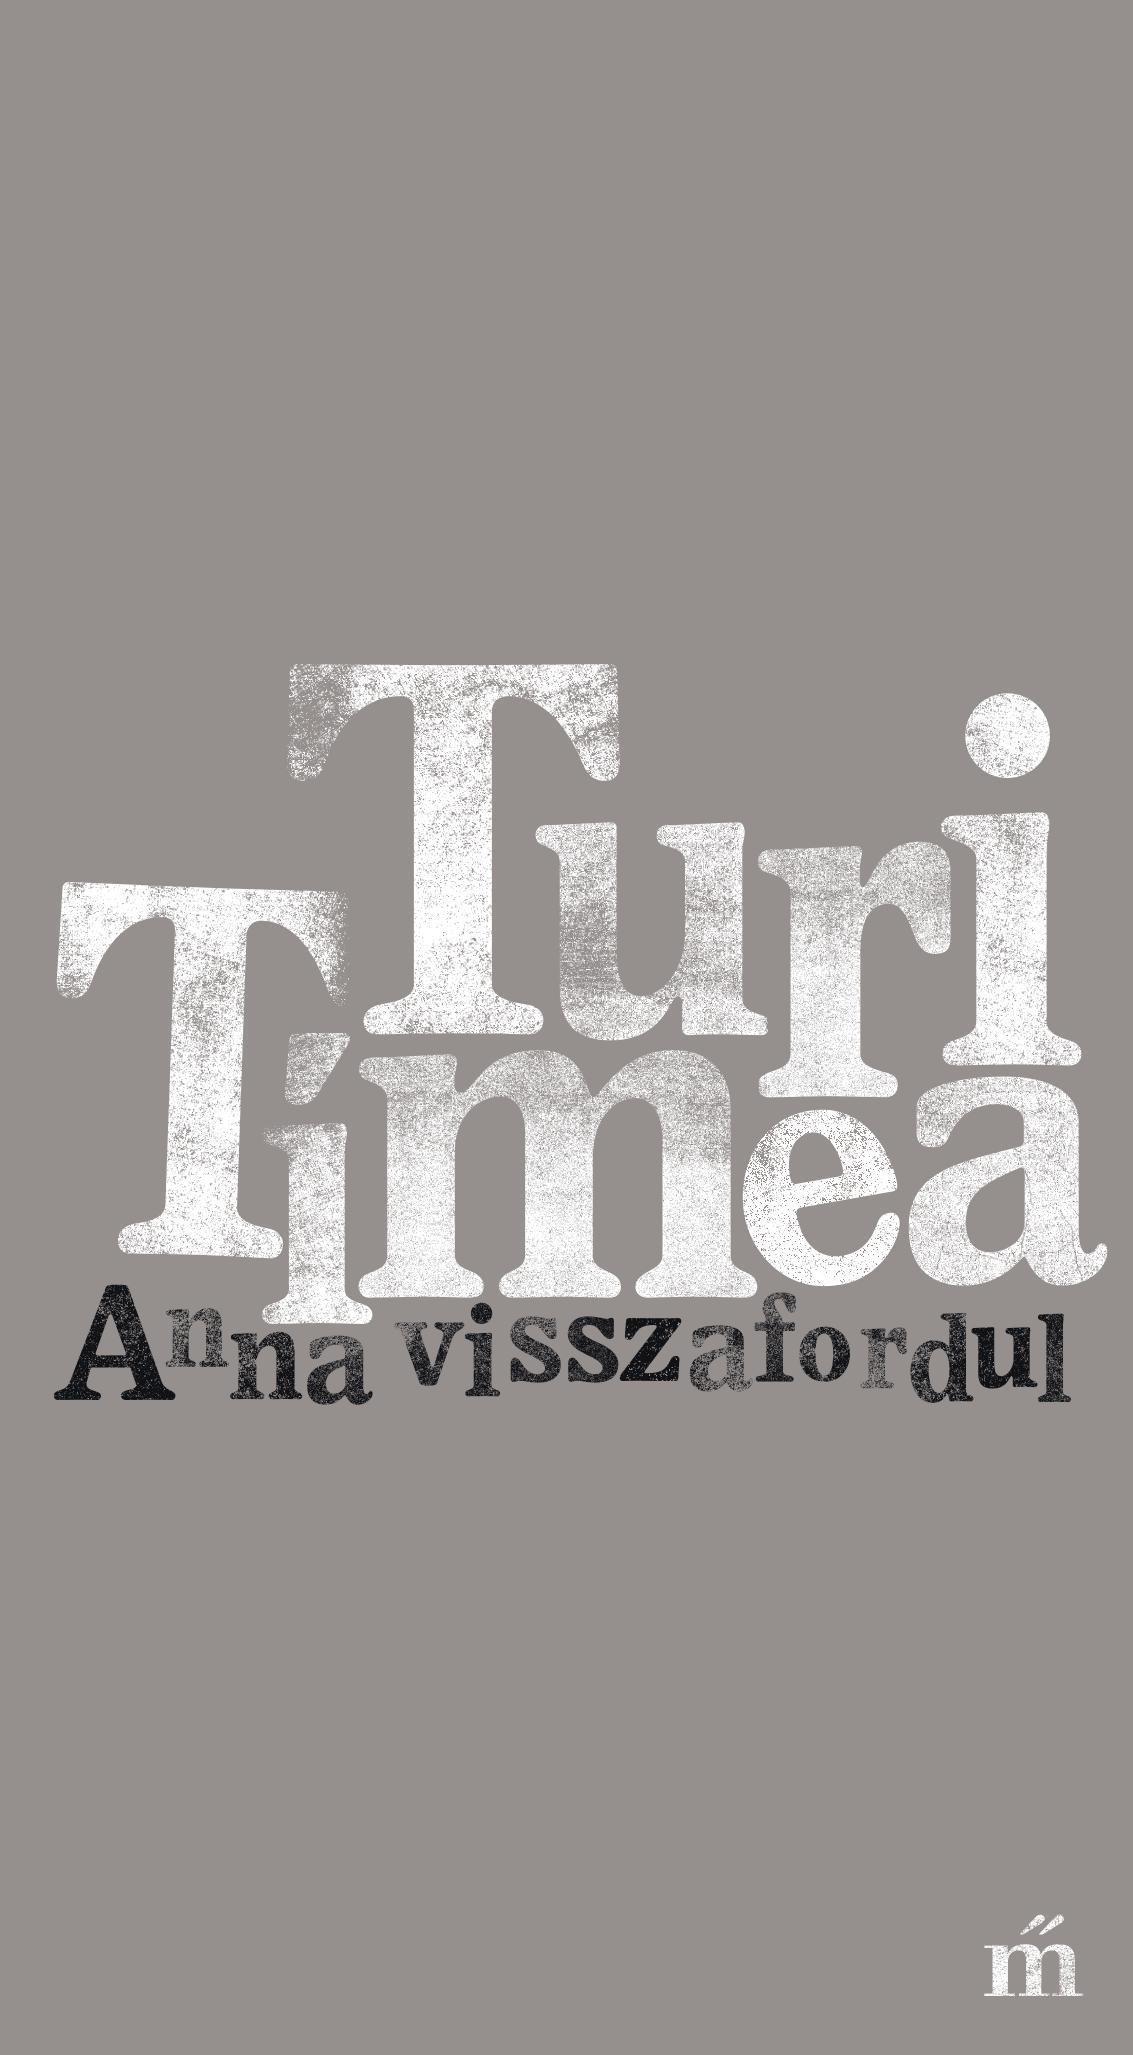 Turi Tímea - Anna visszafordul